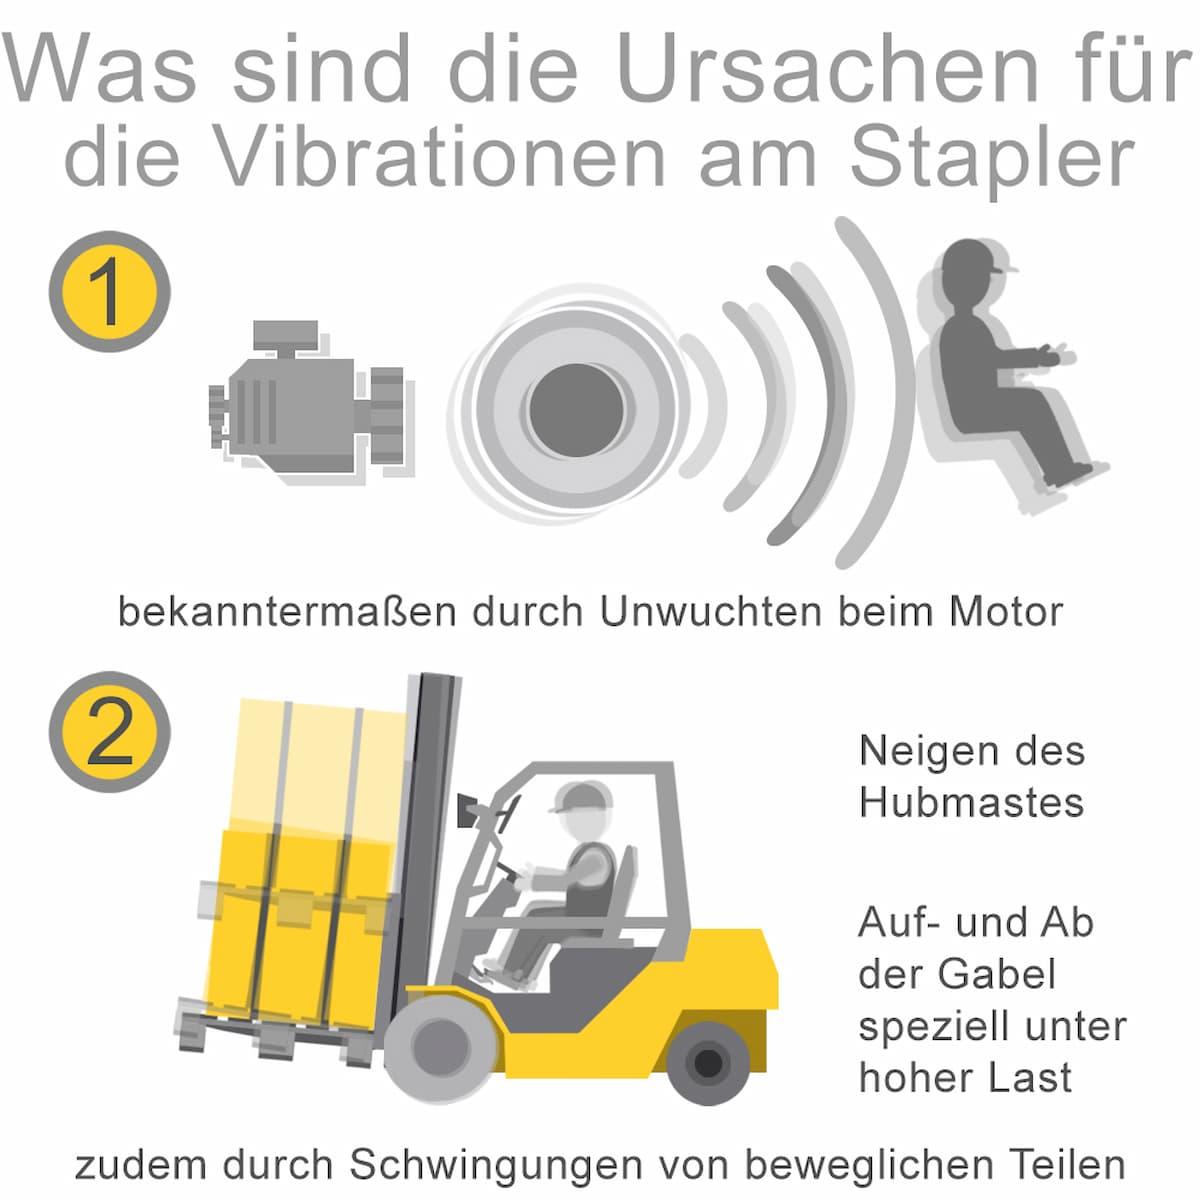 Was sind die Ursachen für die Vibrationen am Stapler?